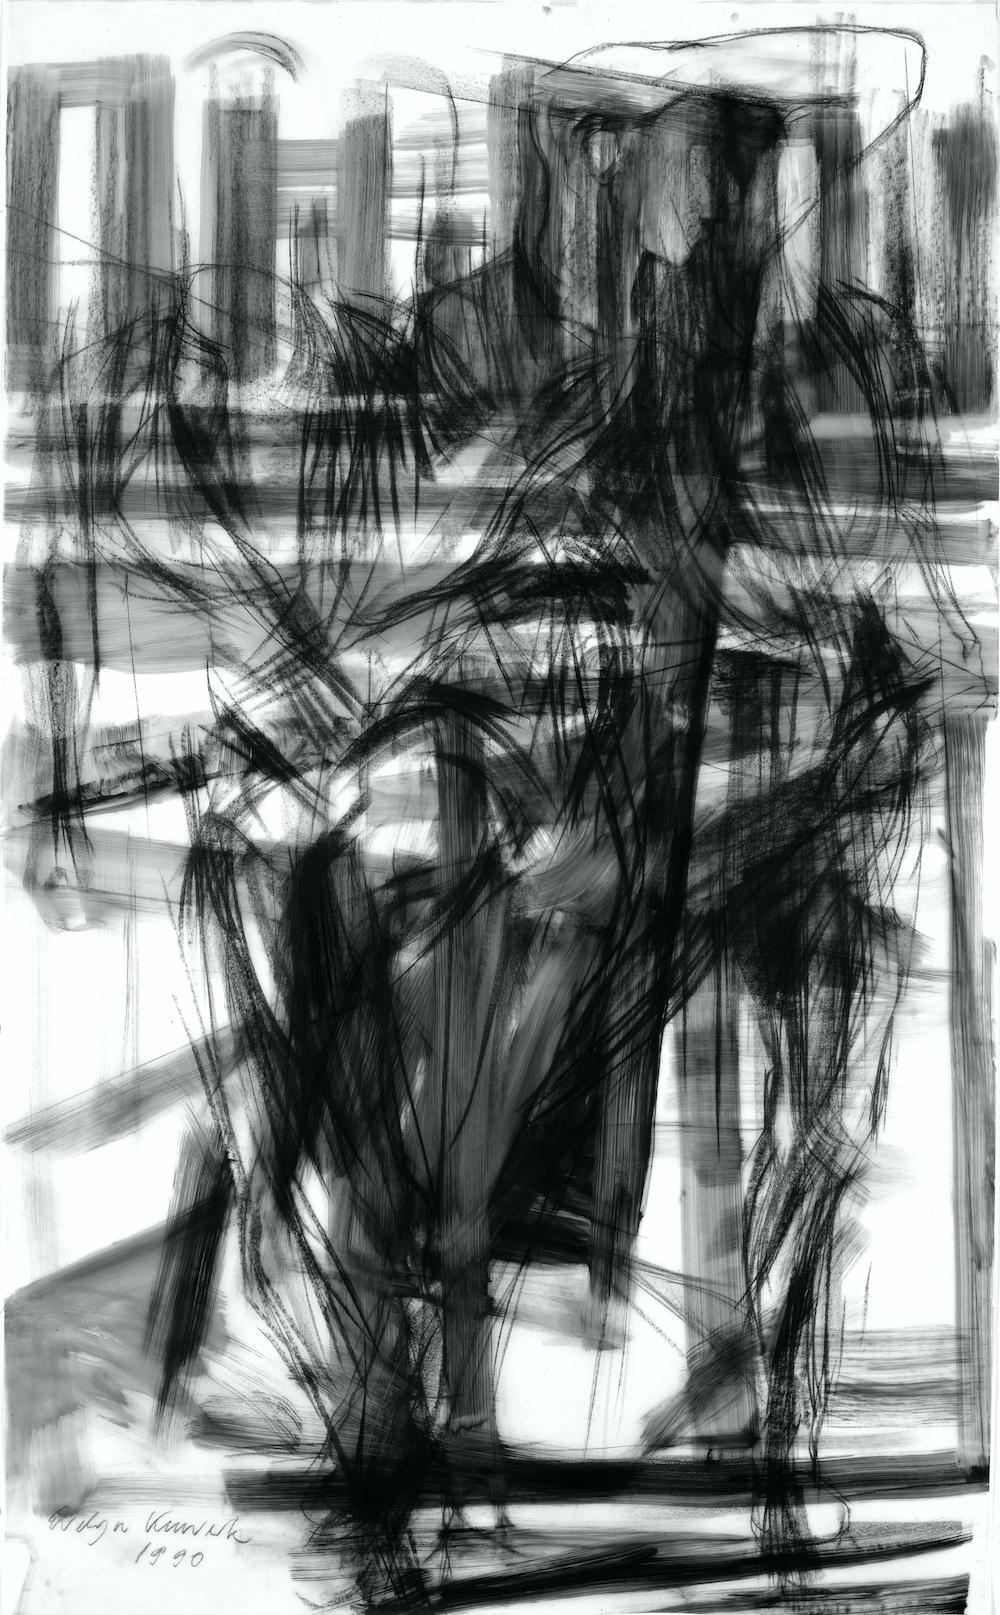 Bewegung 1990, 160/100 cm, Kreidezeichnung auf Transparentpapier